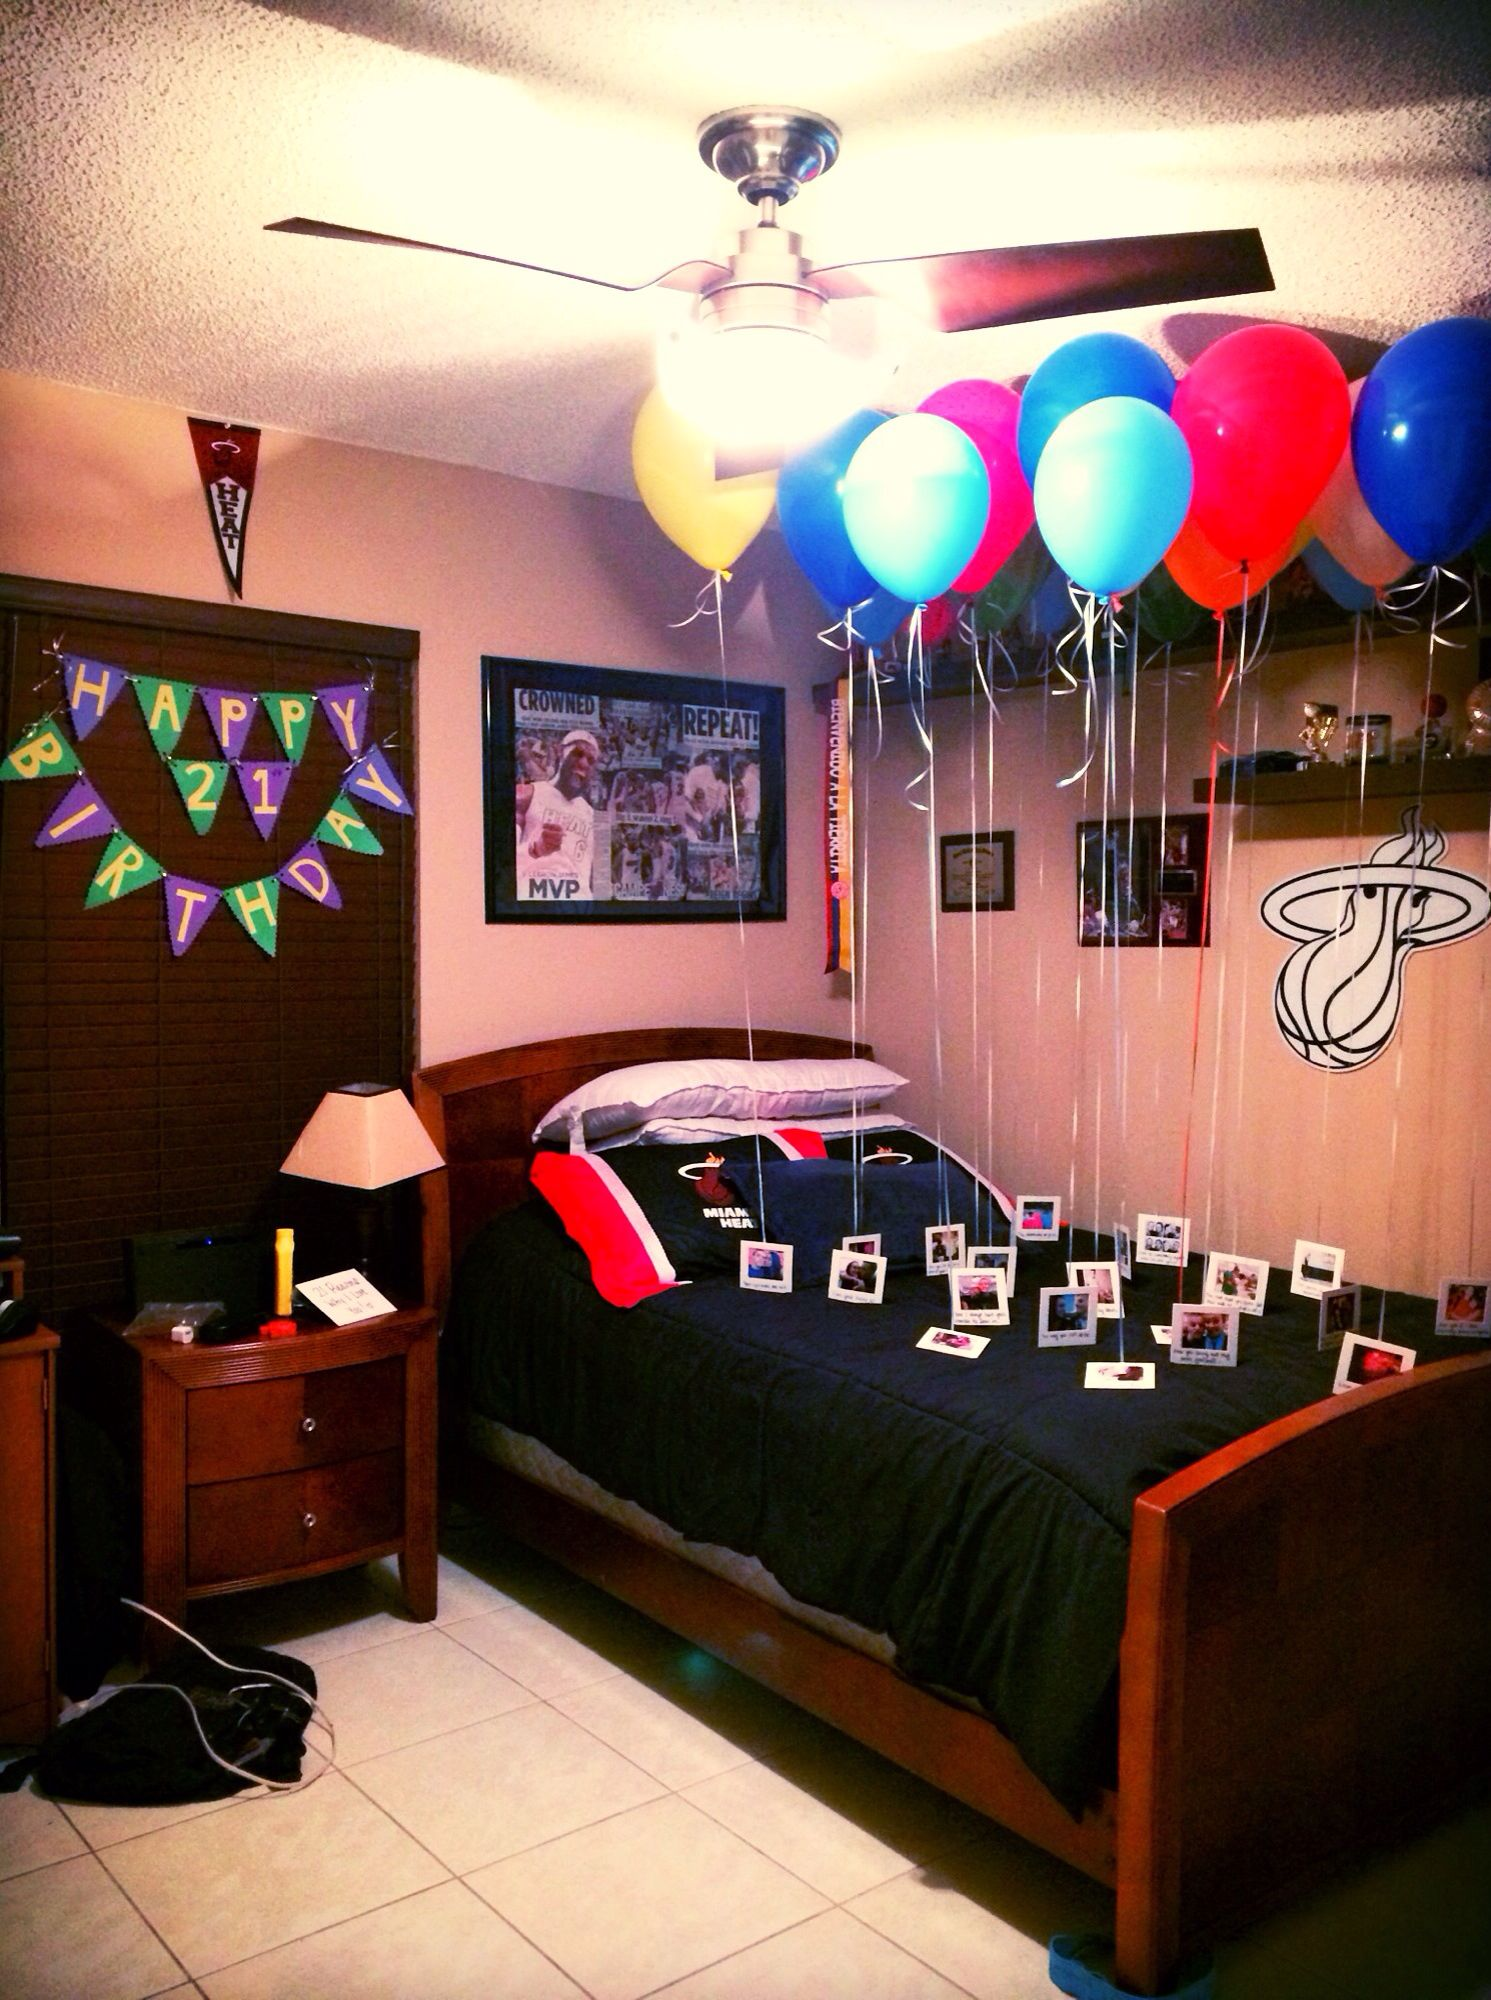 Birthday surprise for Boyfriend. (21st birthday) 21